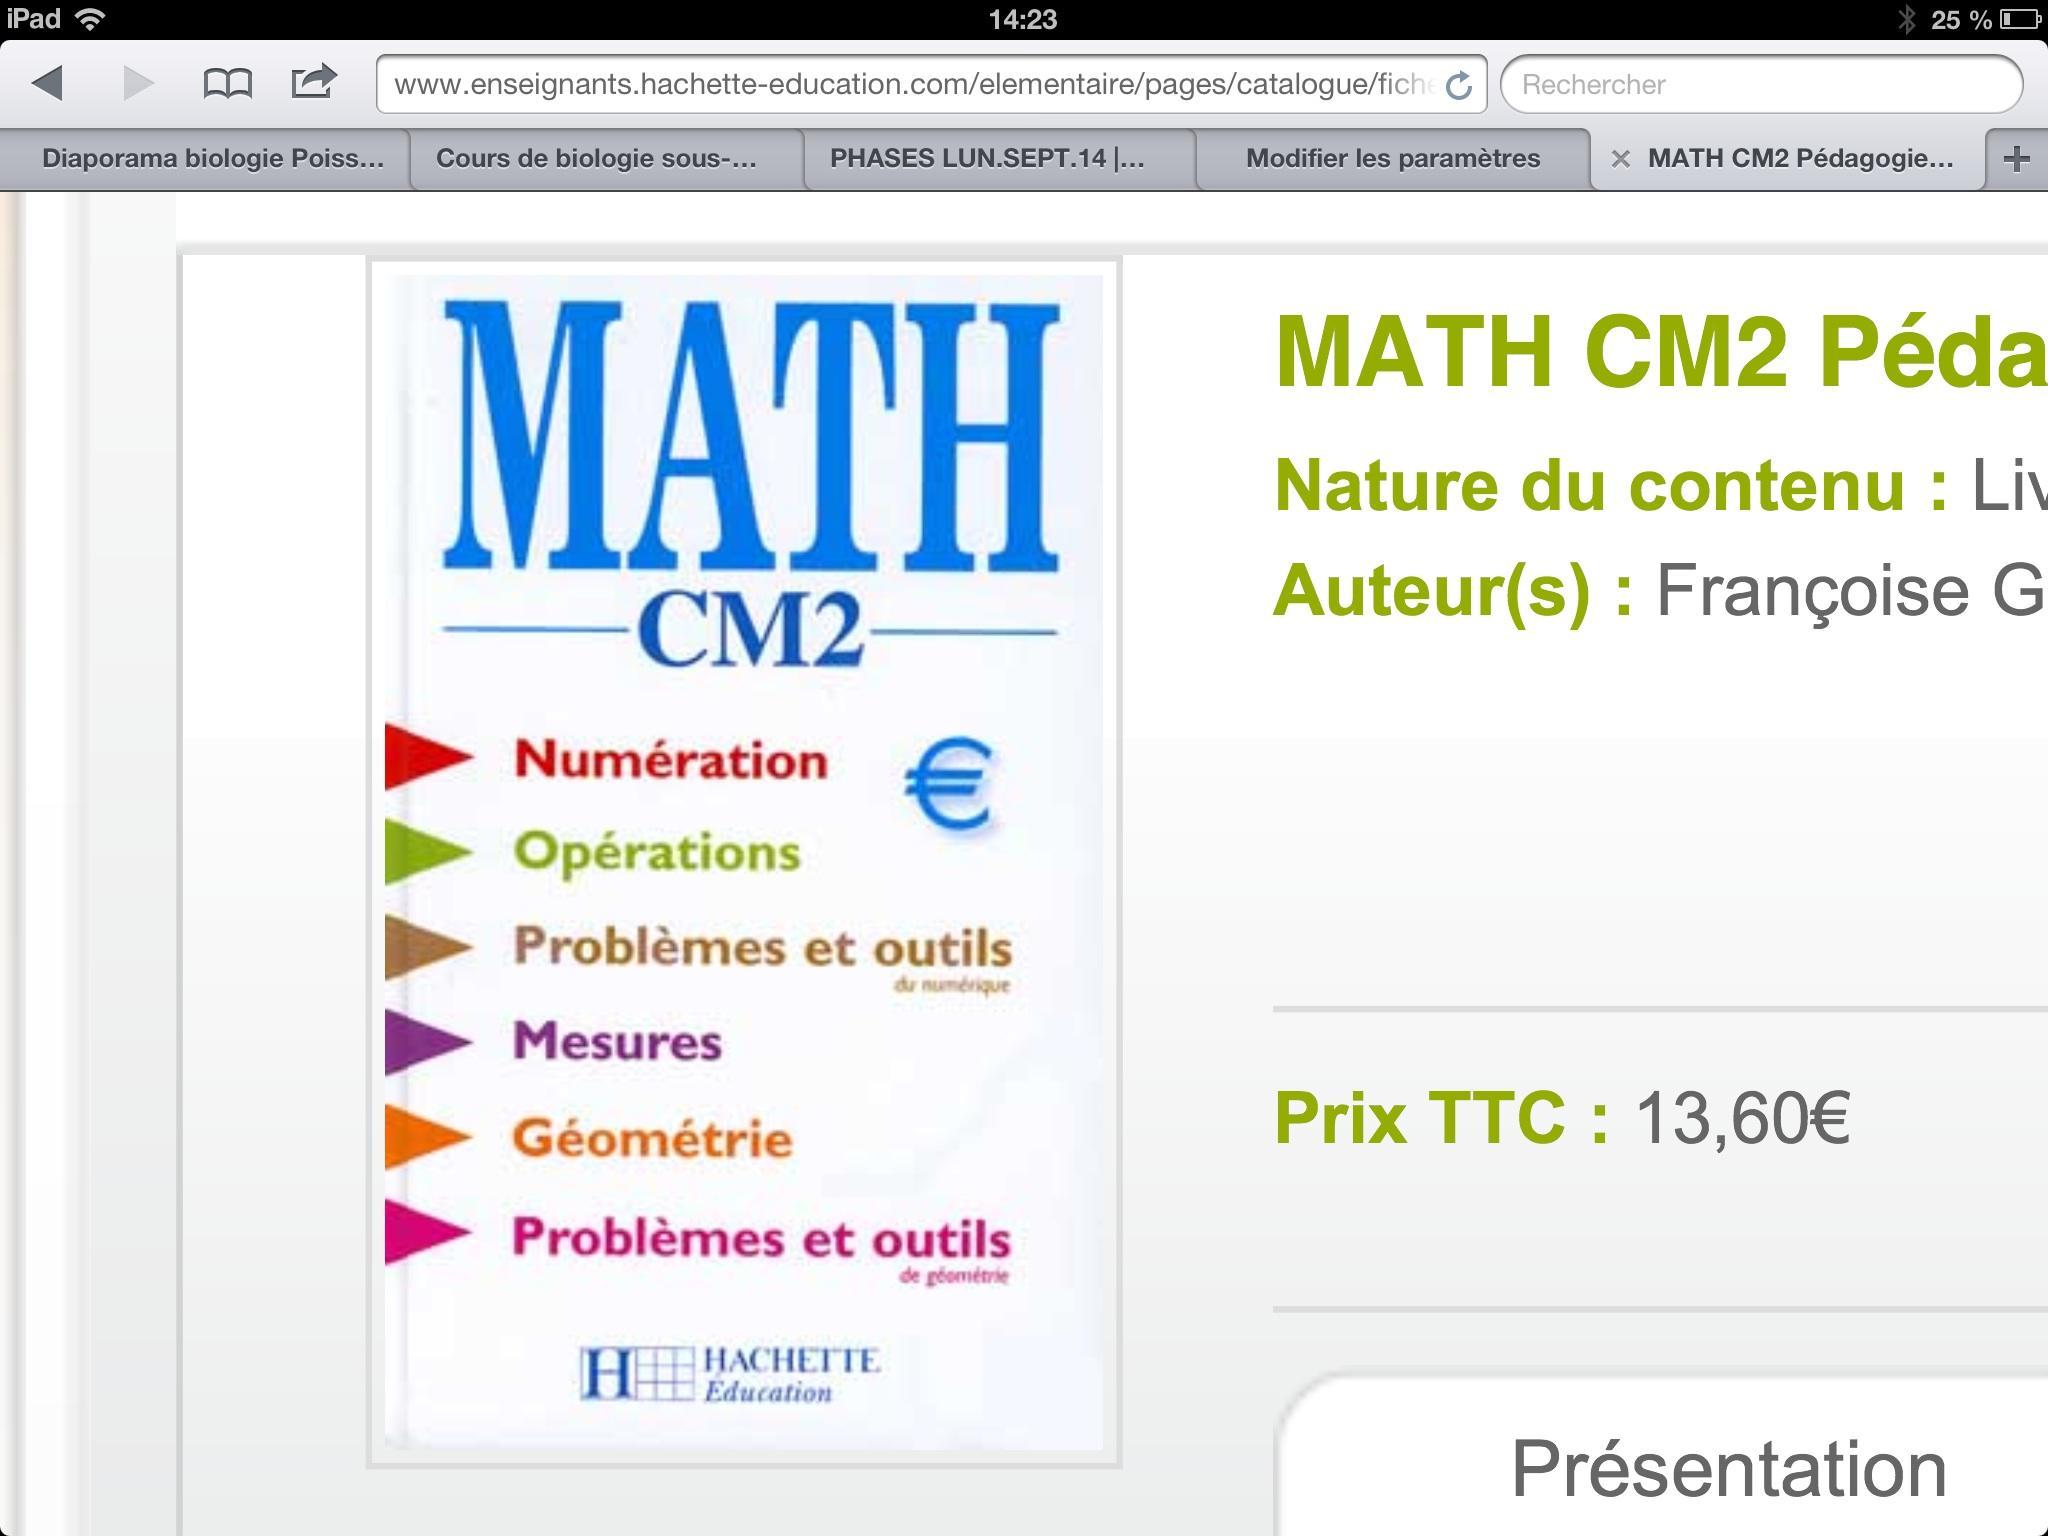 Les maths au CM2